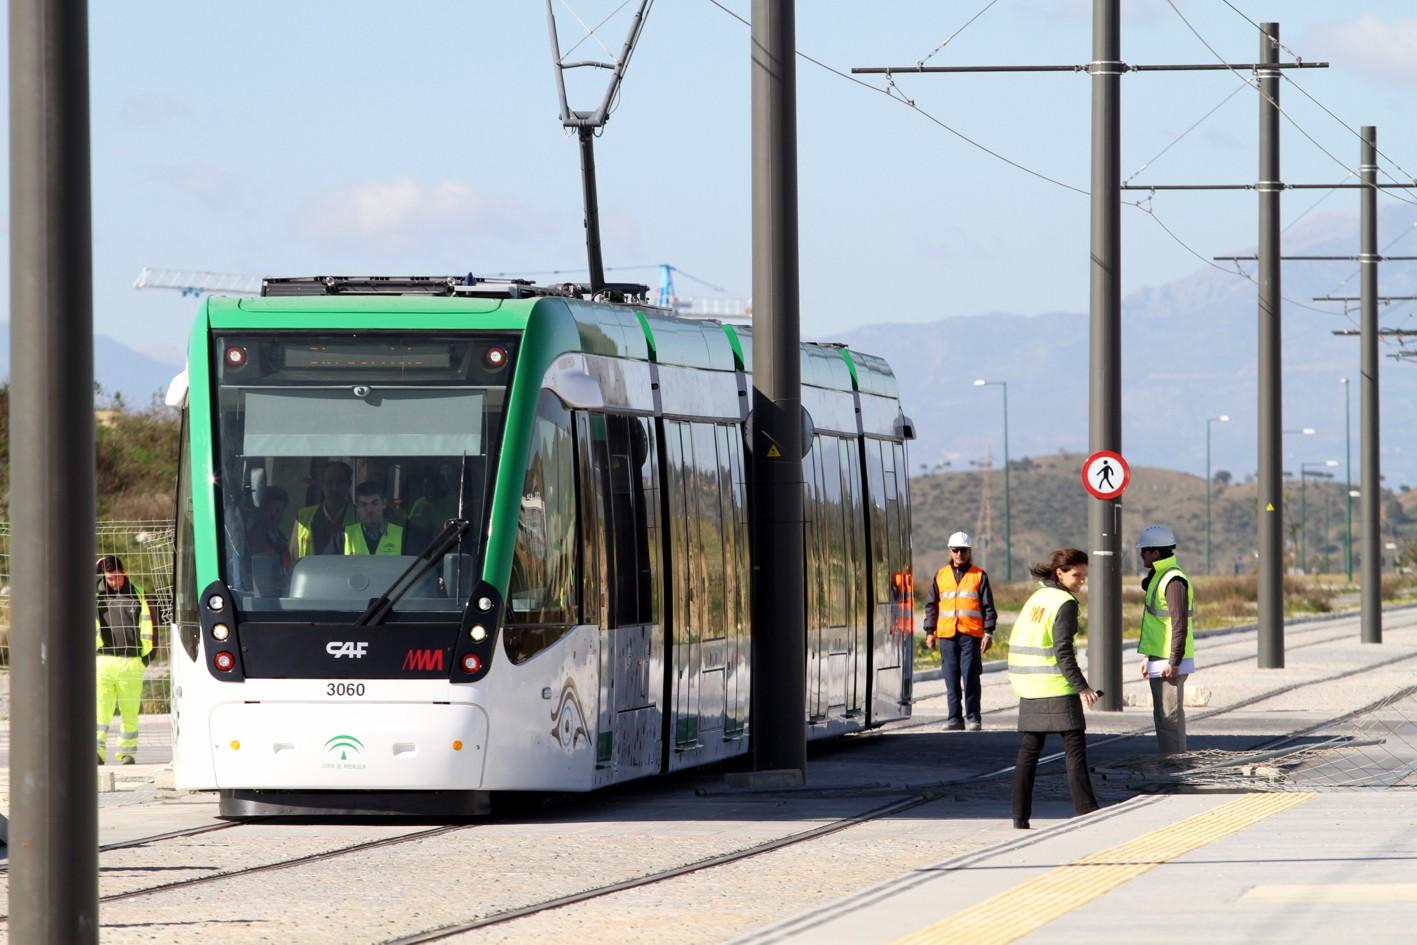 Estas pruebas de Metro de Málaga en superficie serán las primeras realizadas con los sistemas semafóricos operativos y coordinándose con el tráfico rodado.